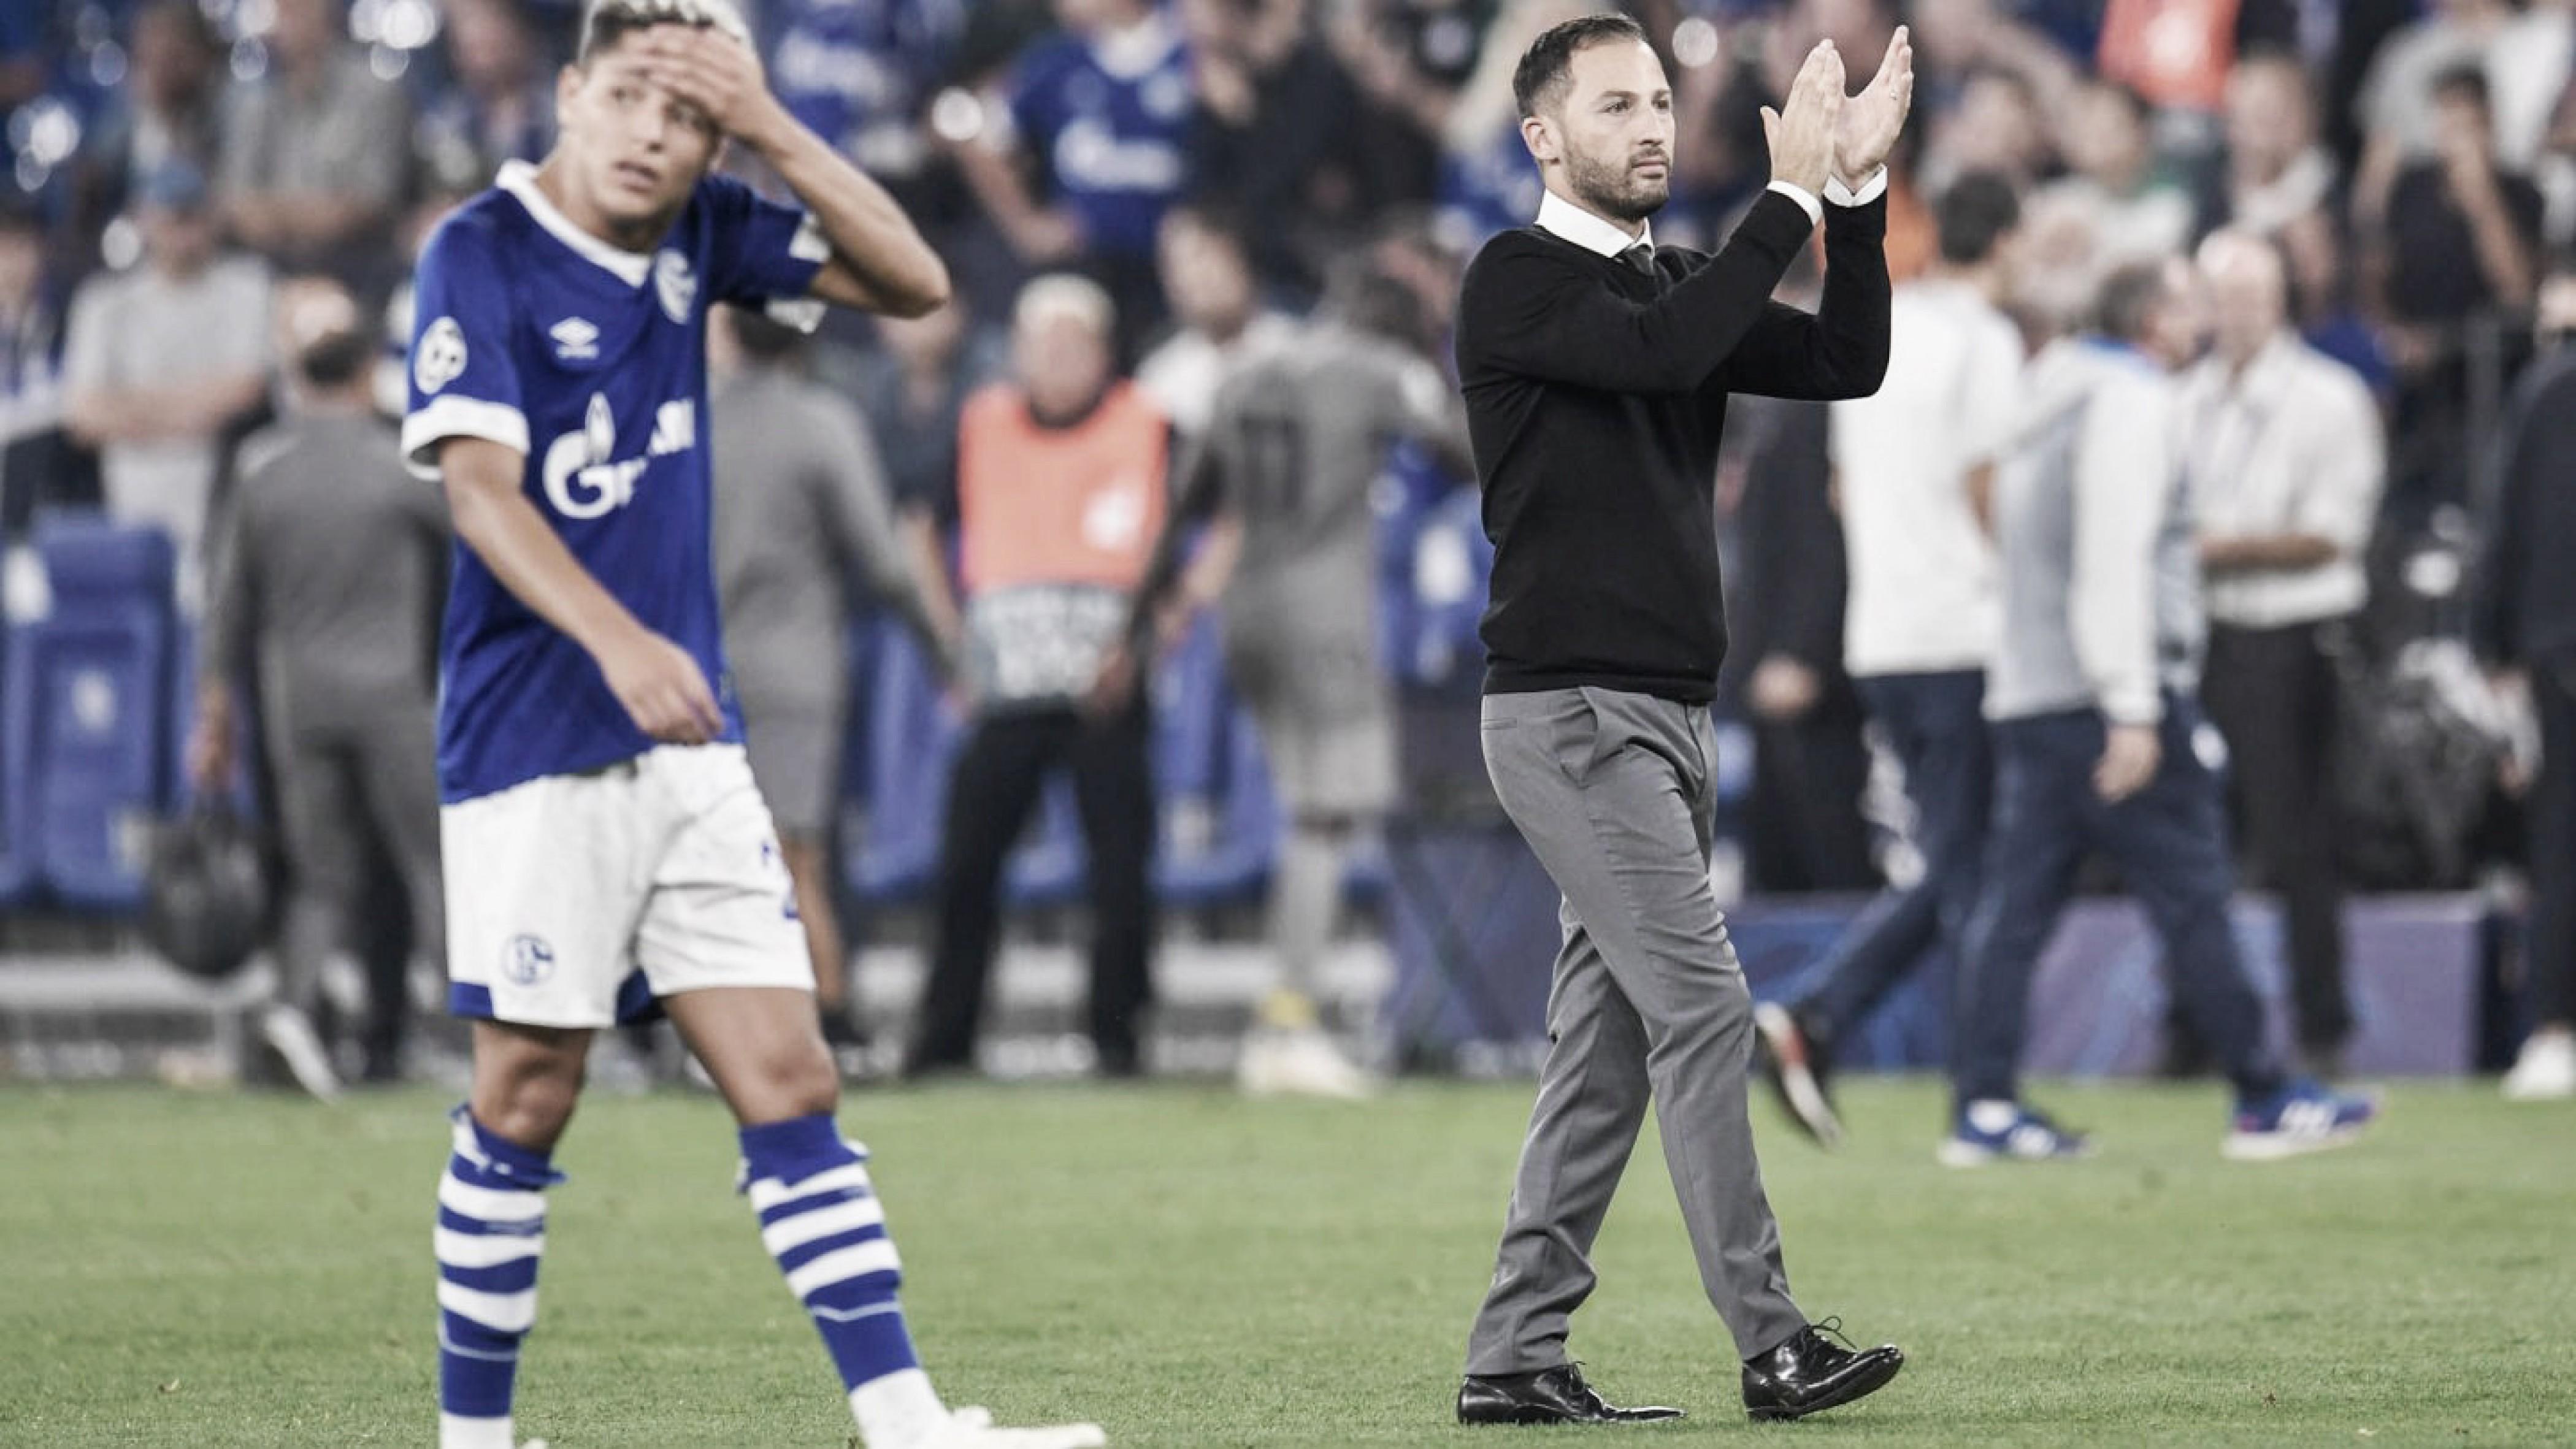 Mesmo com derrota, Domenico Tedesco vê bom desempenho do Schalke 04 contra o Bayern